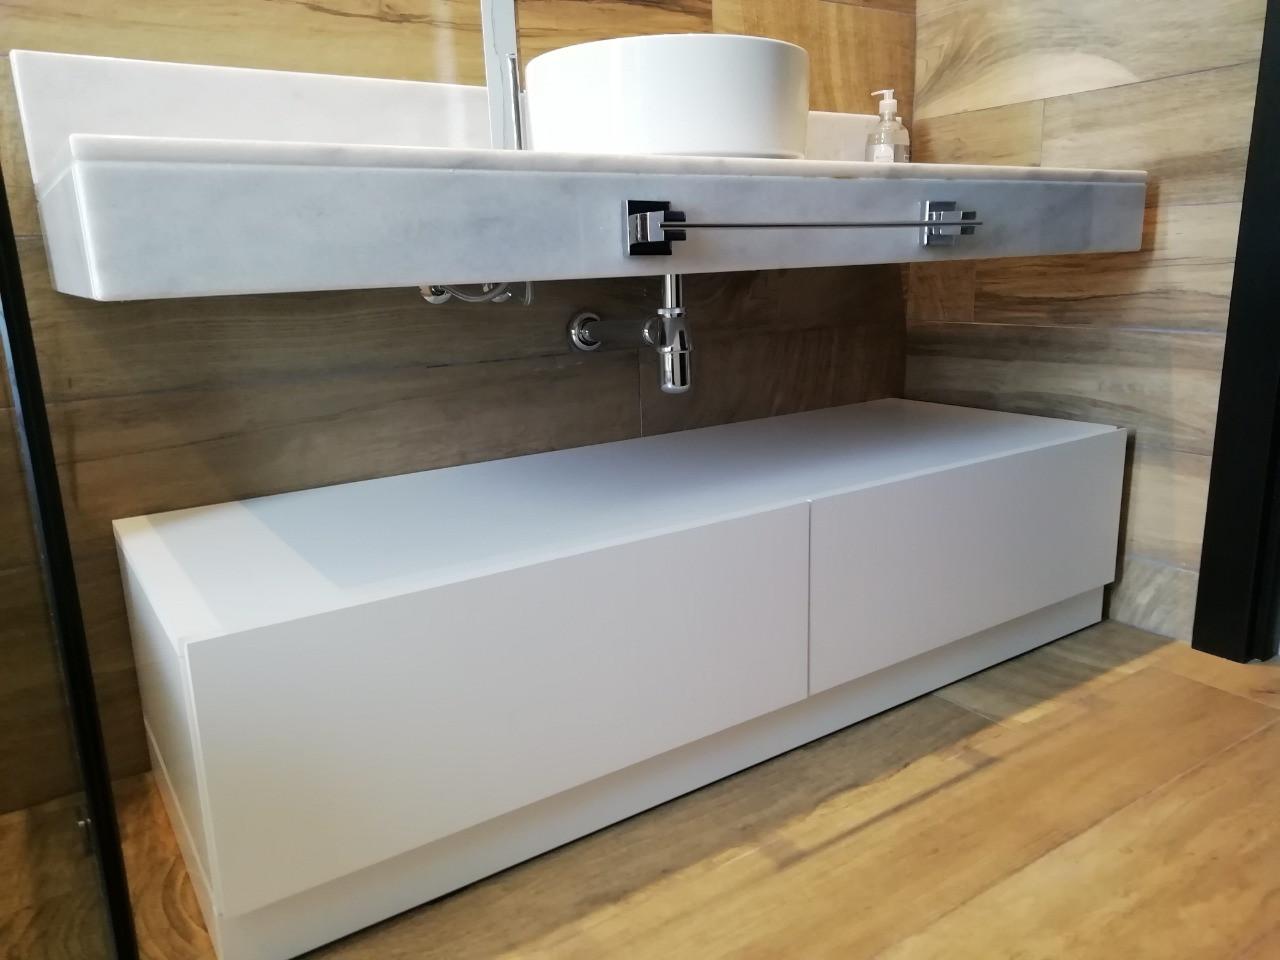 Mueble sobre piso para guaradado en cajones en melamina blanca